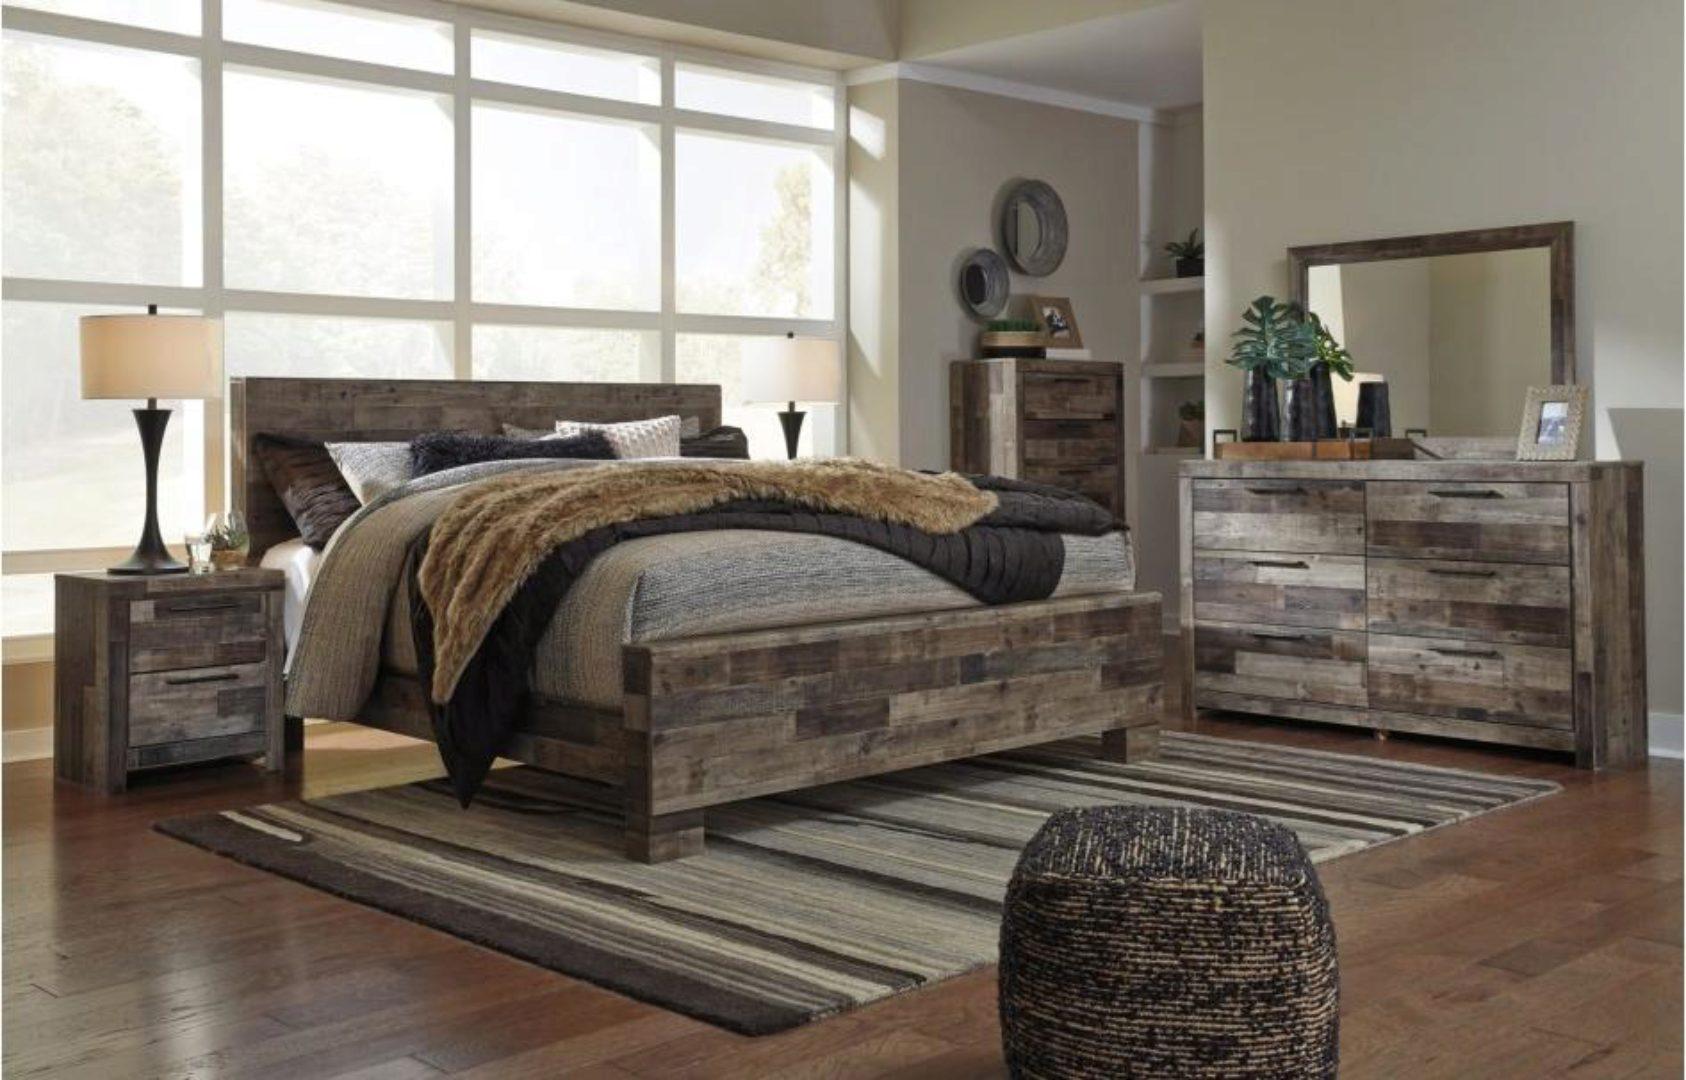 Bedroom Sets For Sale Buy Bedroom Sets For Bedroom Online